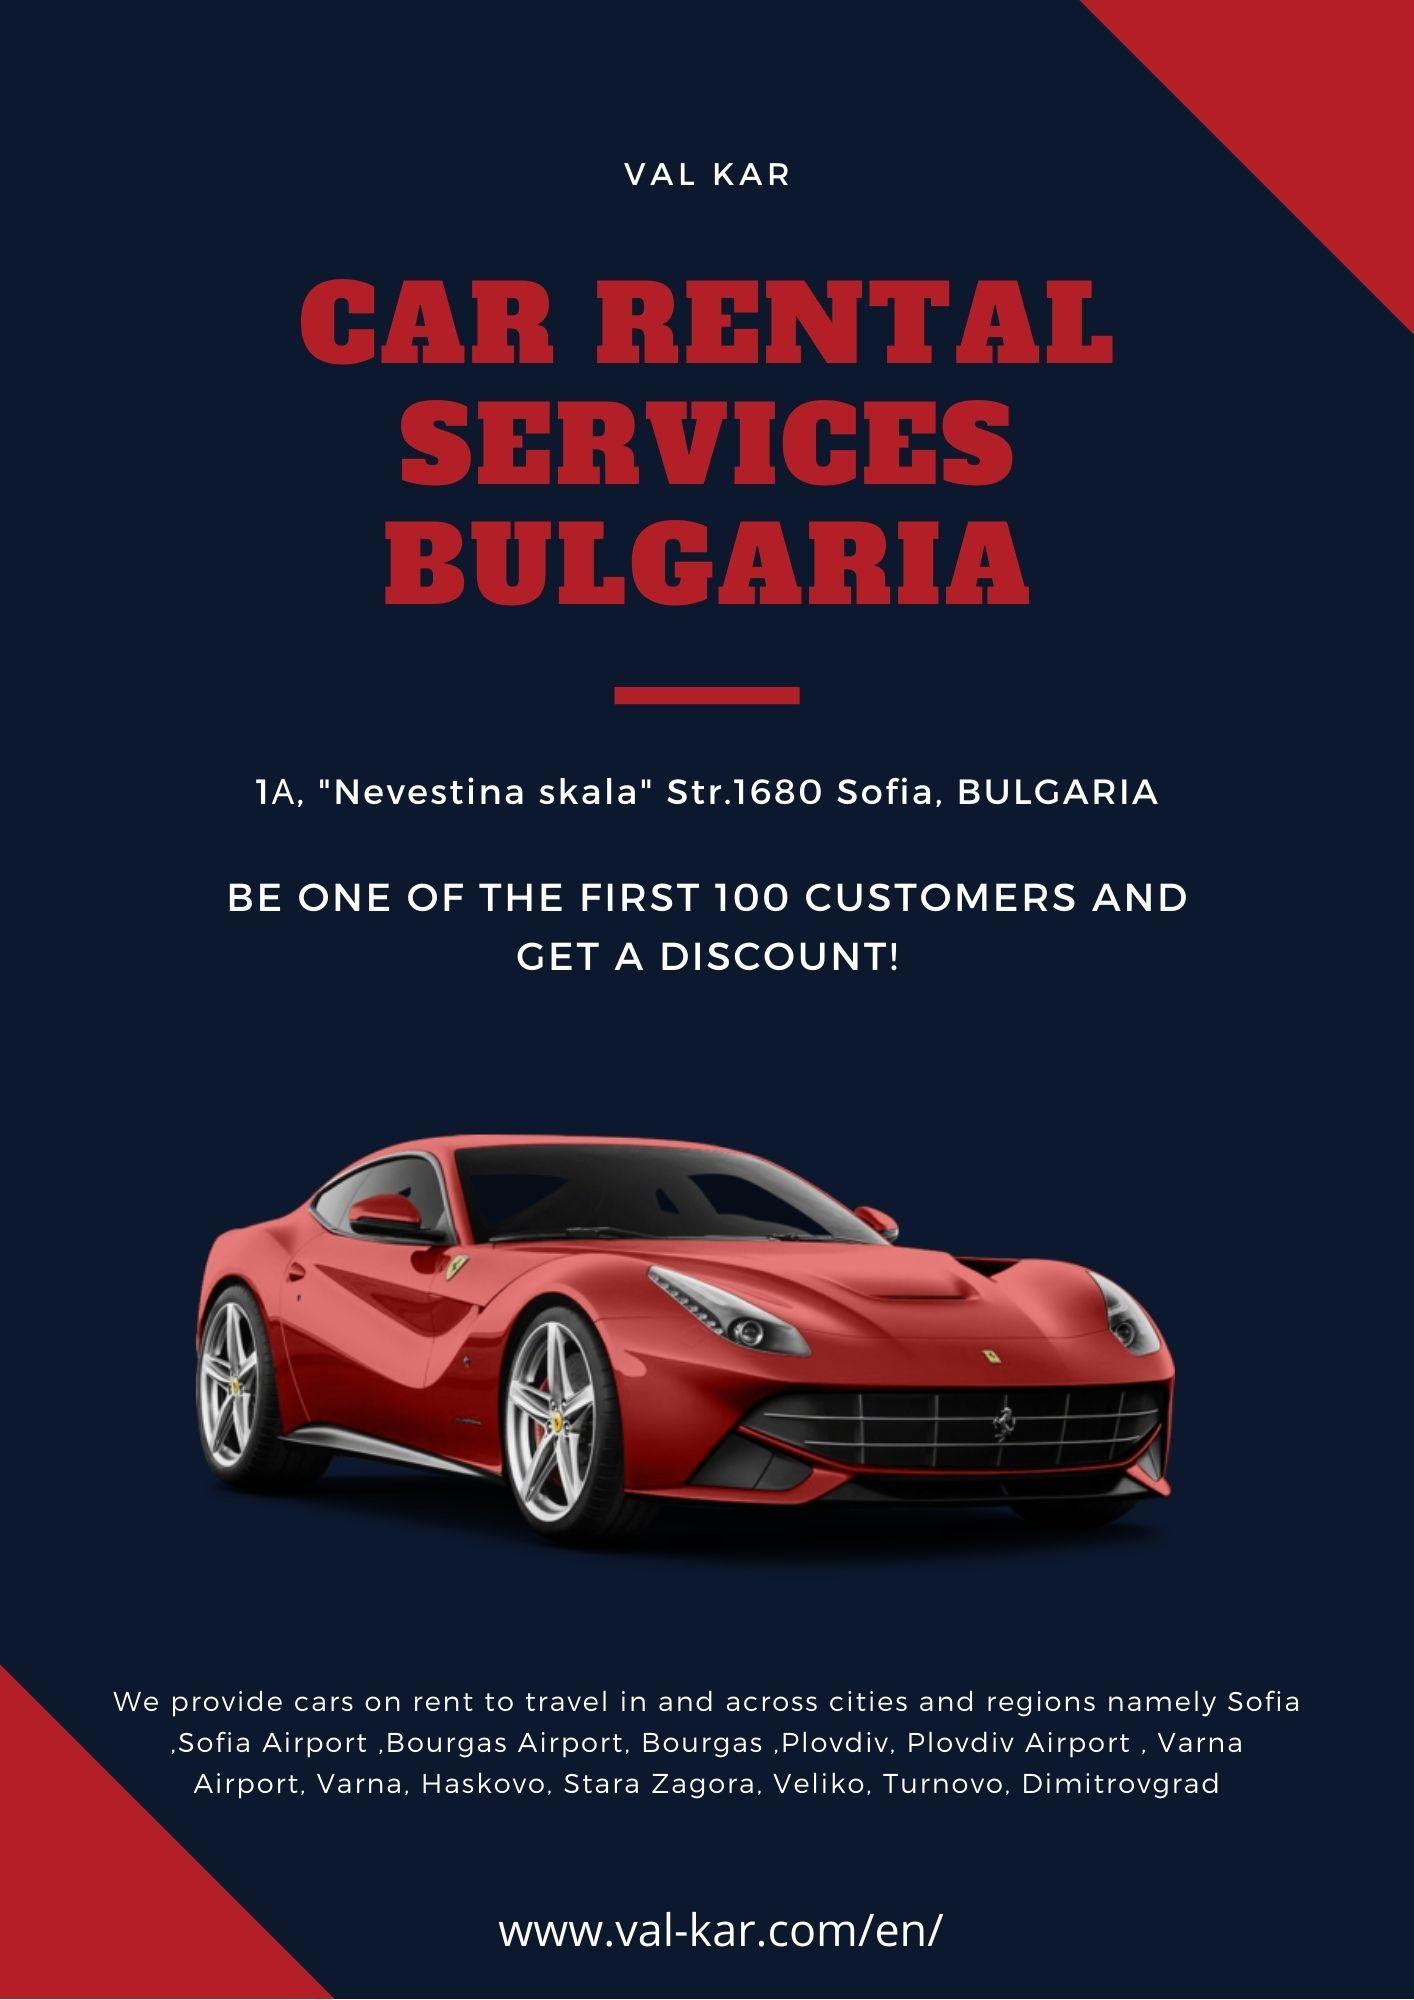 Budget Car Rental-Val Kar